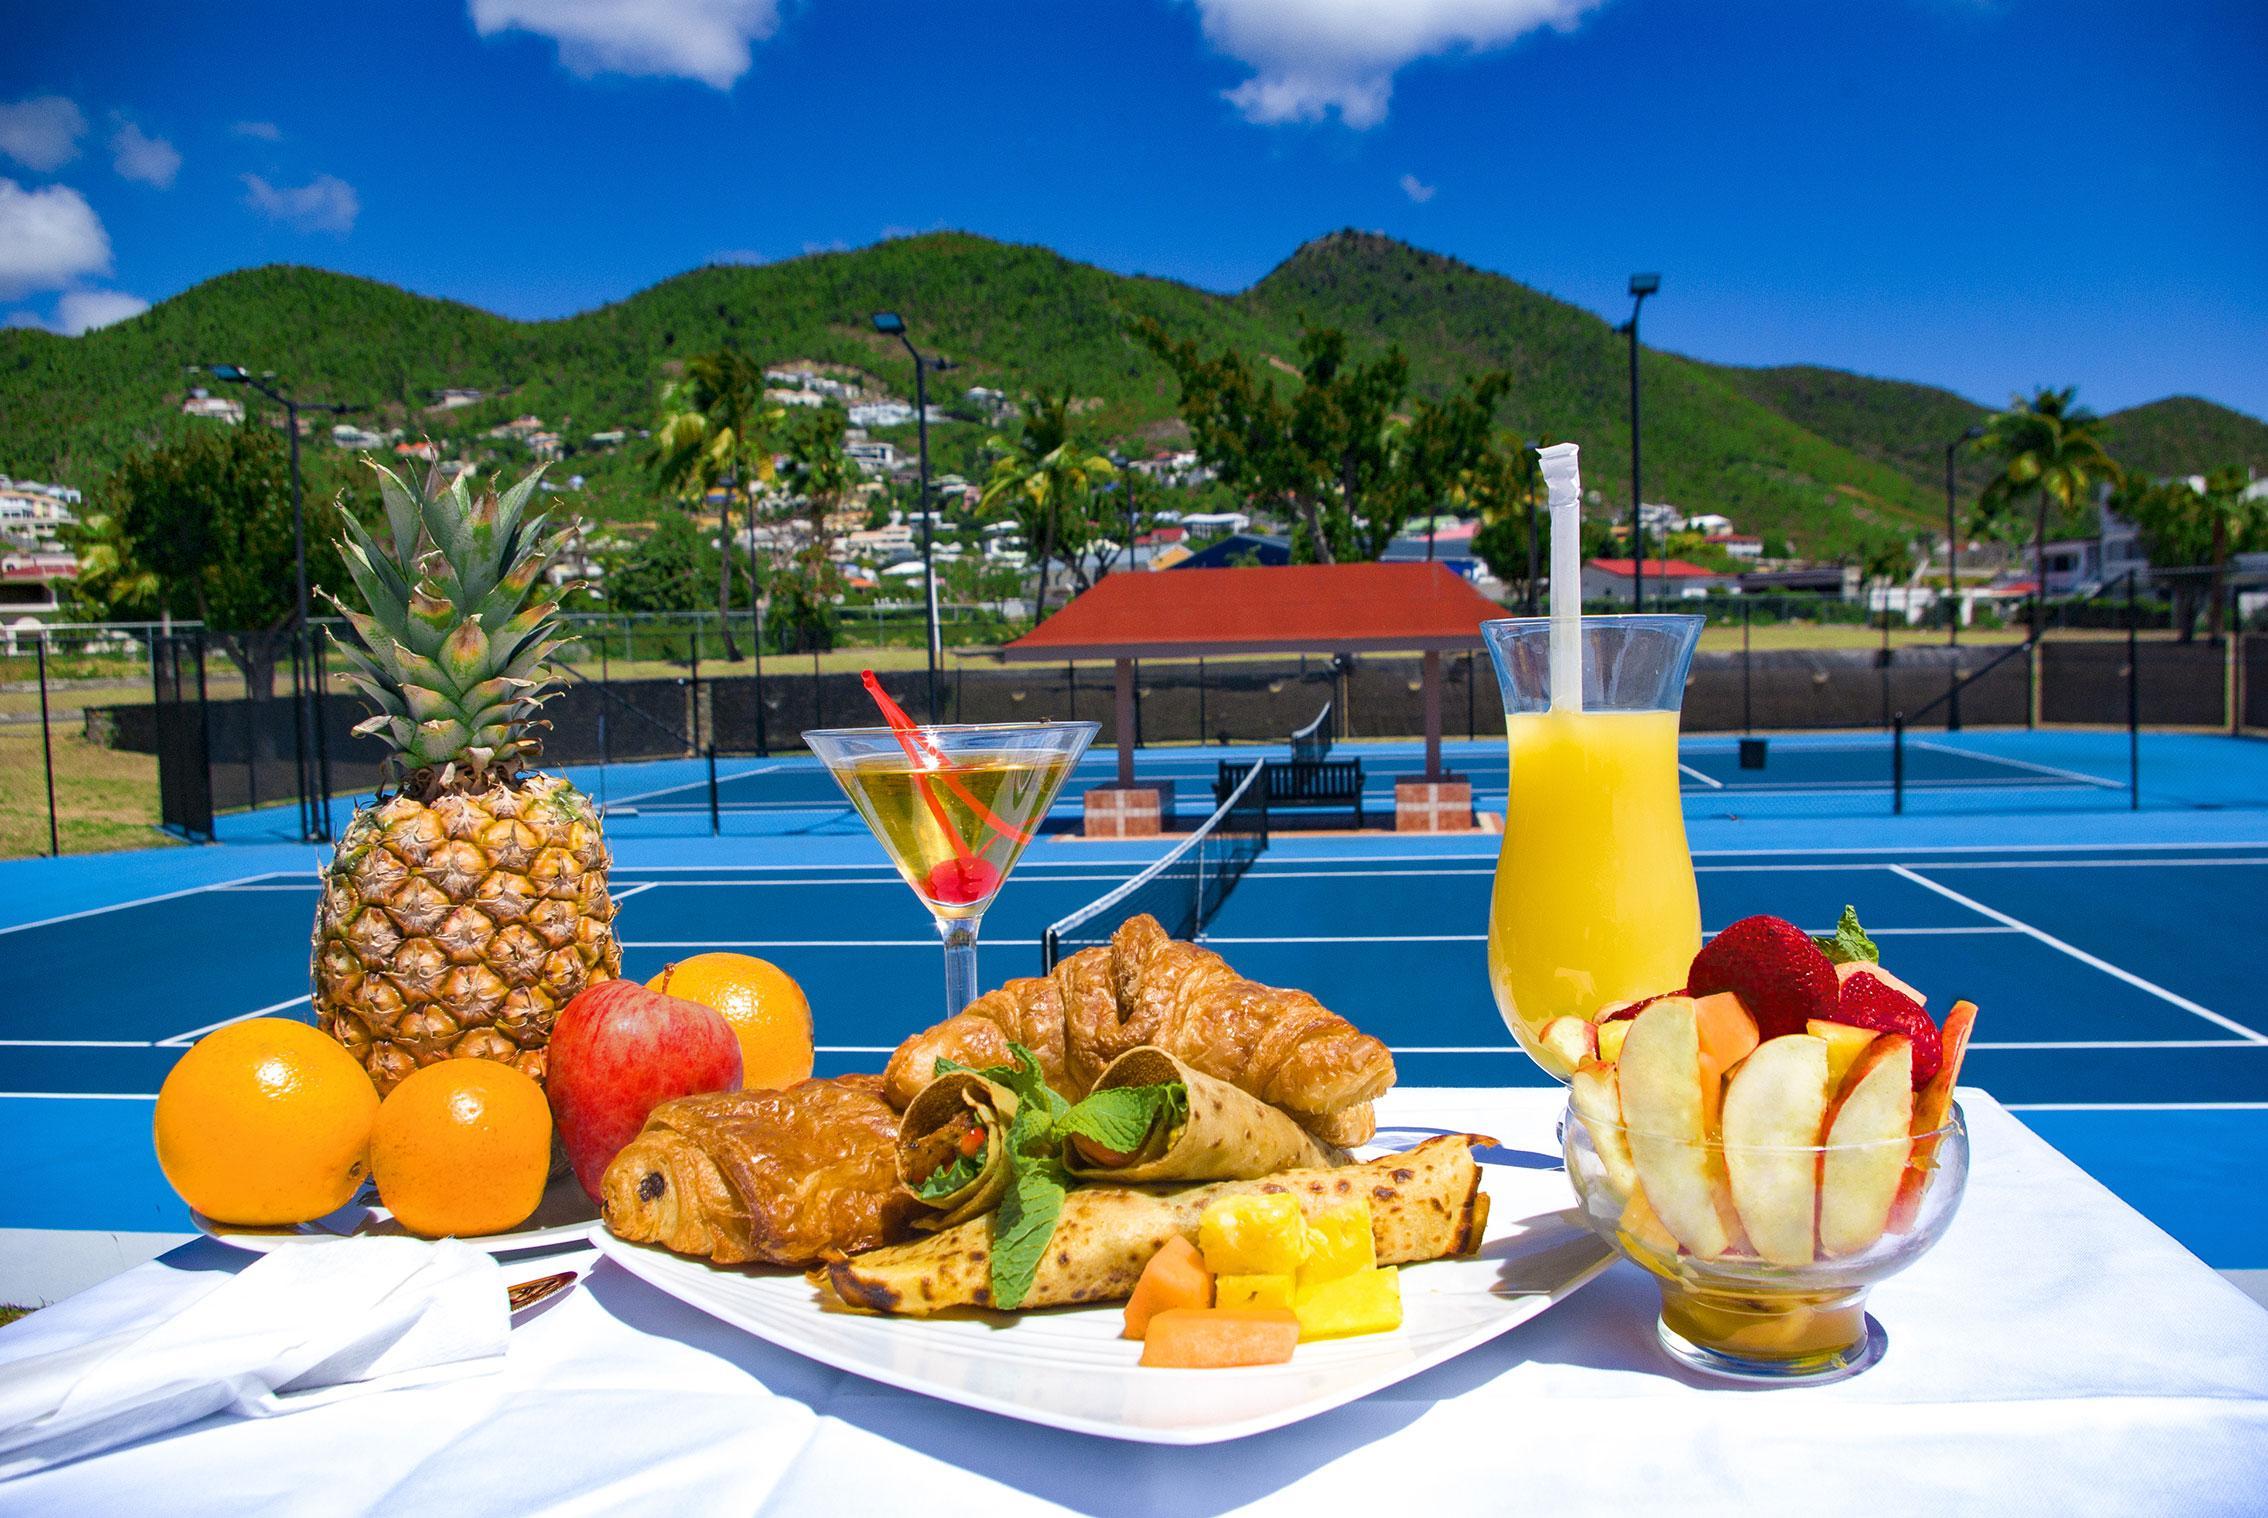 Courtside cafe Sint Maarten Princess port de plaisance Resort